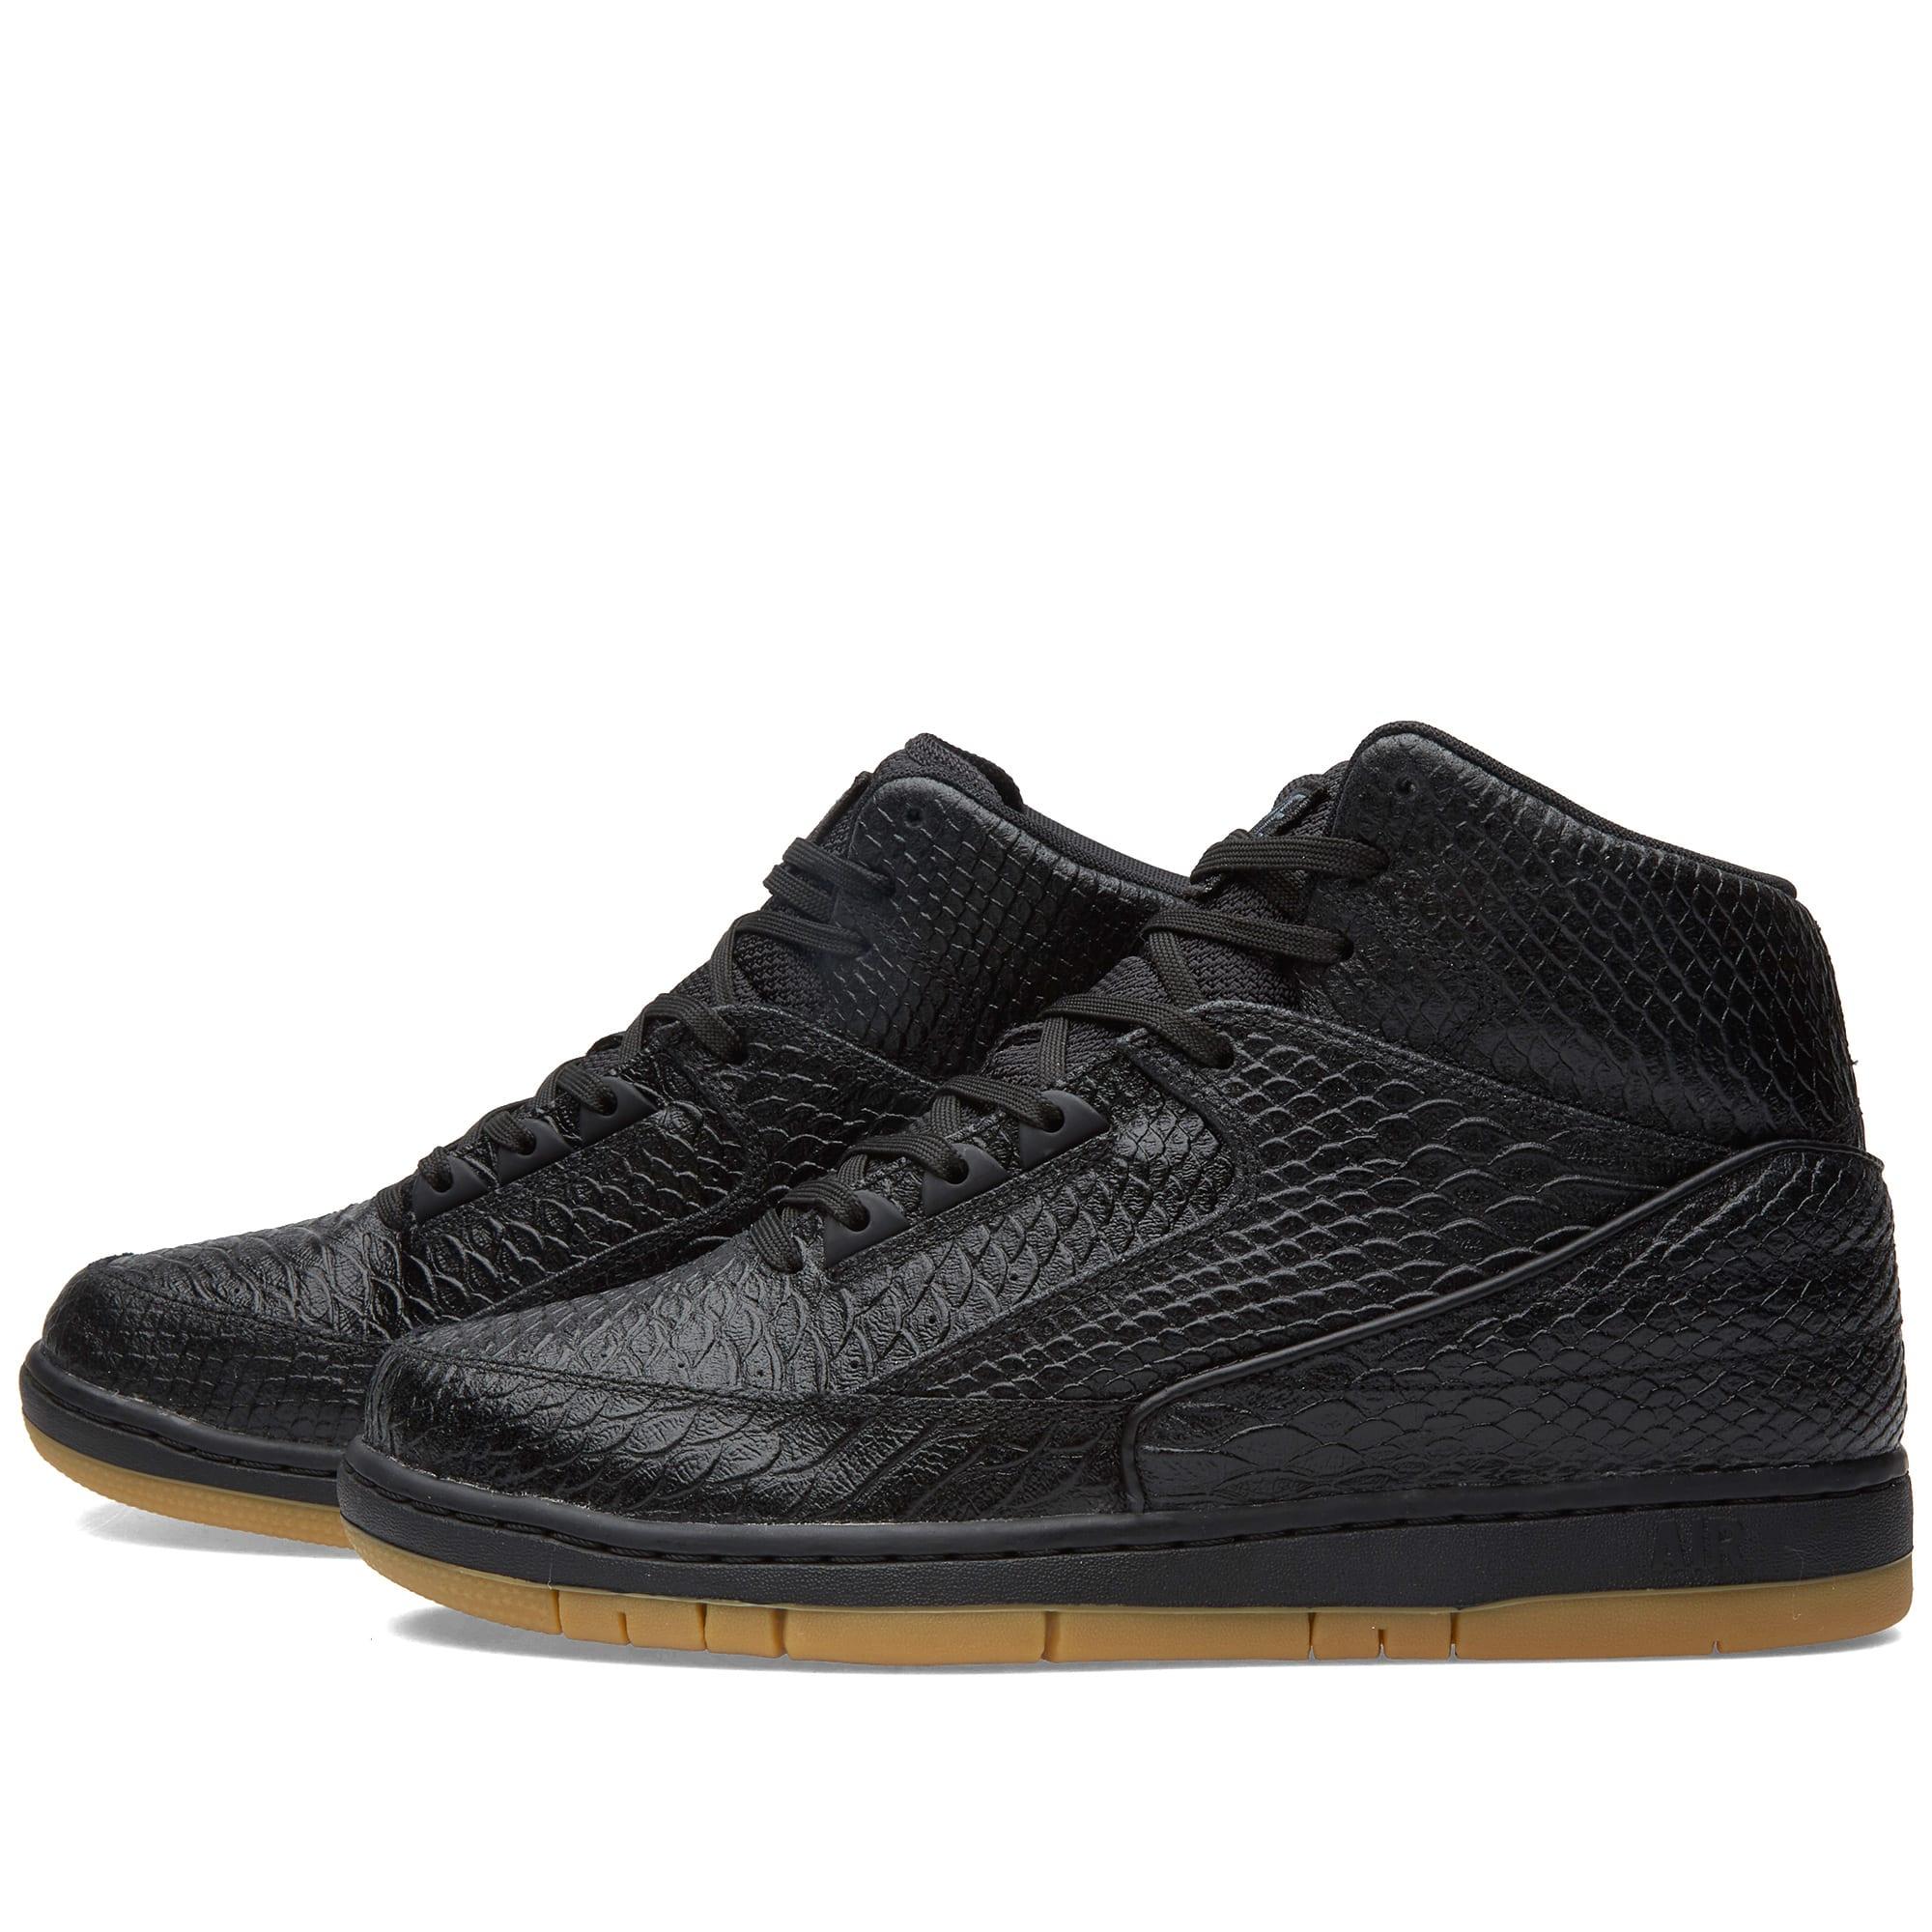 factory price bbf5b 72ad5 Nike Air Python PRM Black   Gum   END.